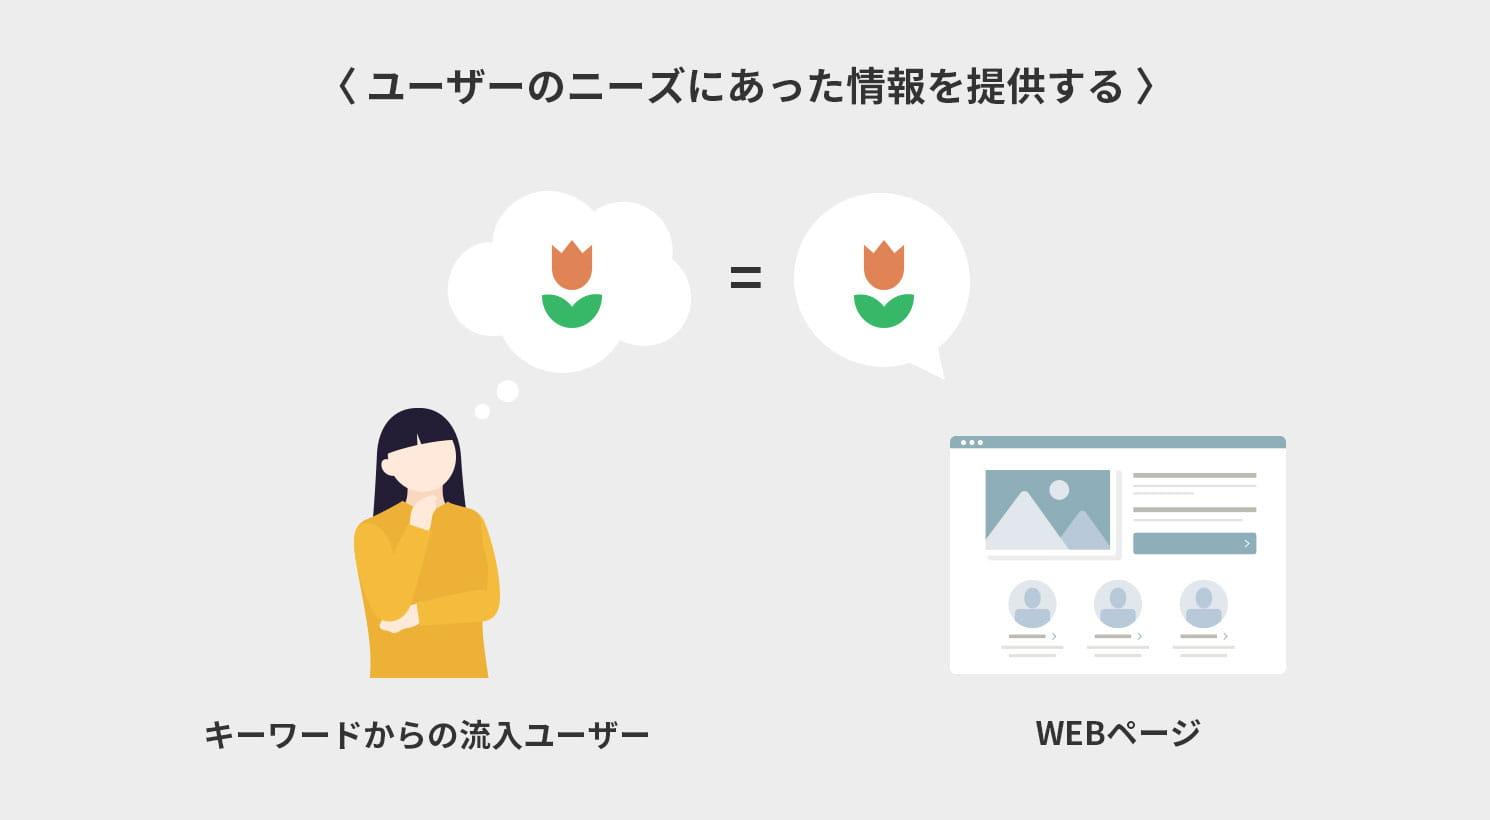 ユーザーのニーズにあった情報を提供するイメージ